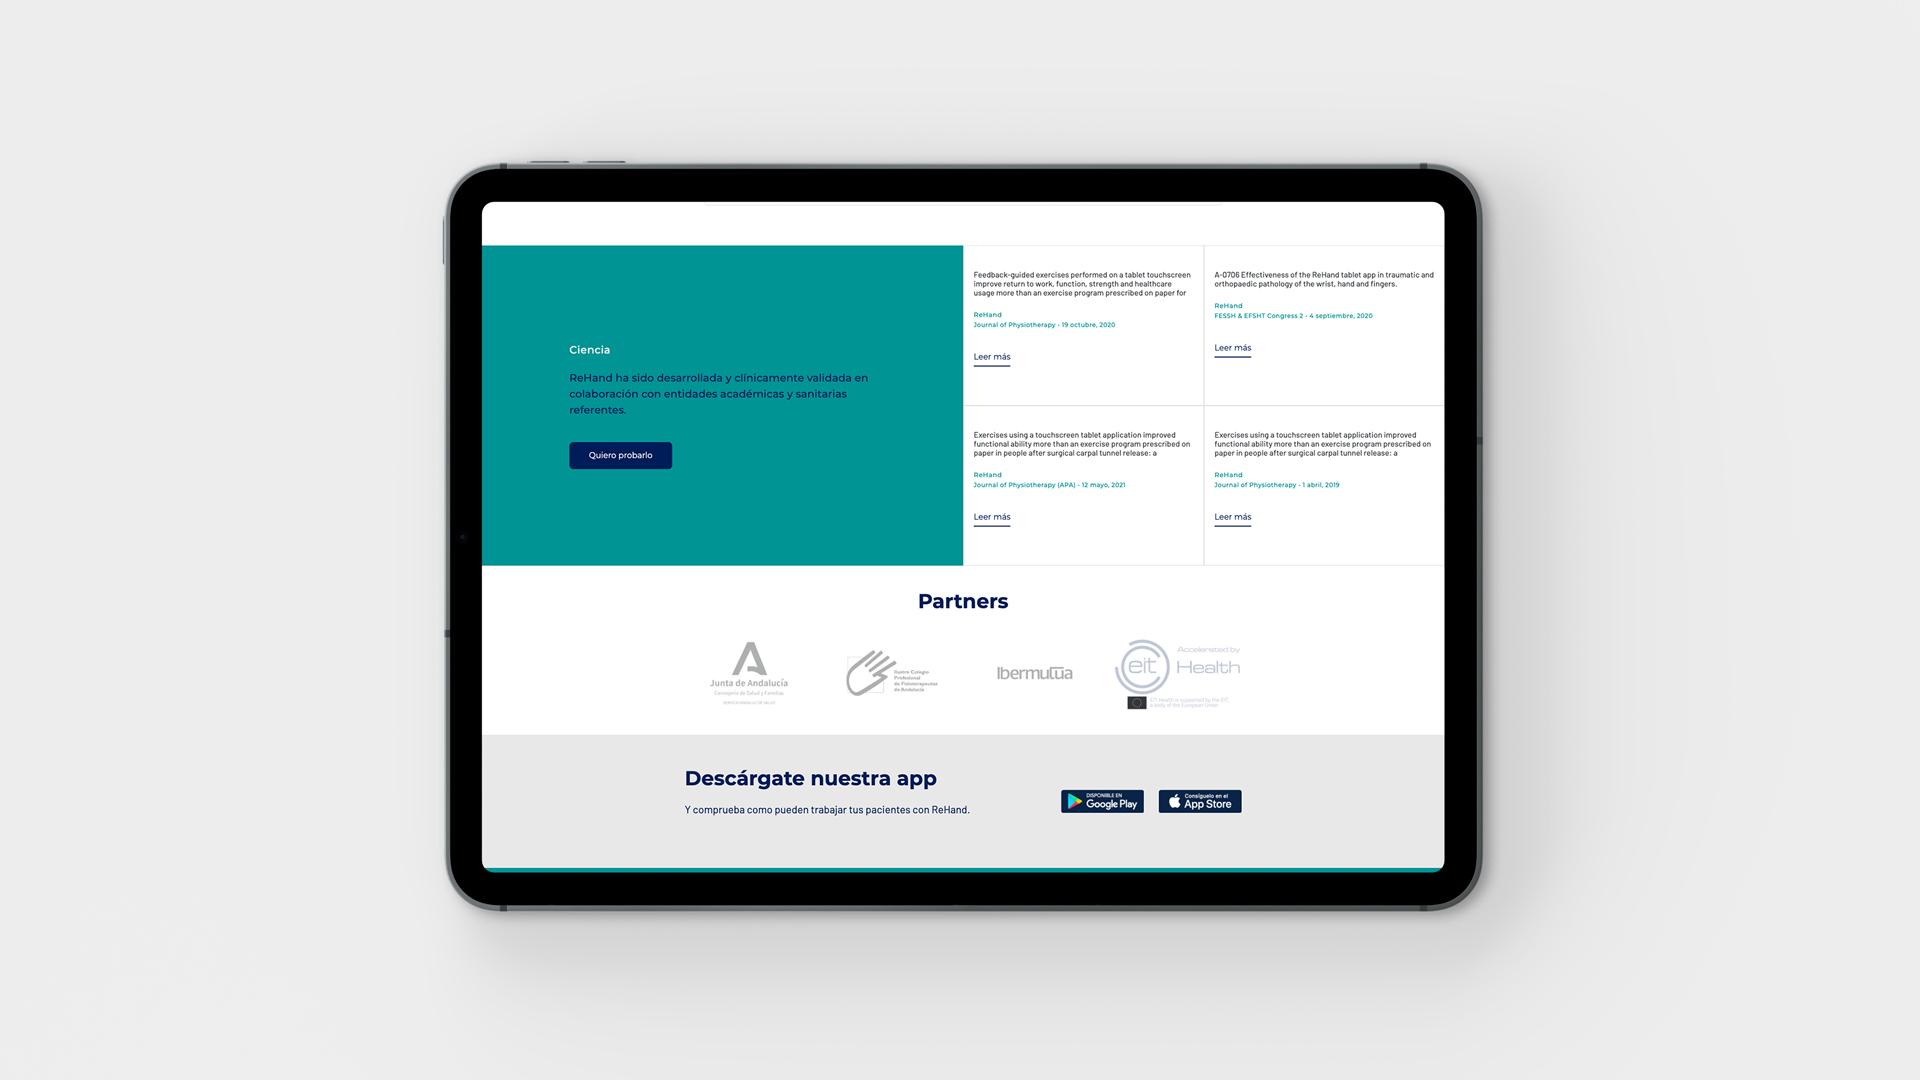 Diseño web corporativa Rehand creado por la agencia creativa Eiduo